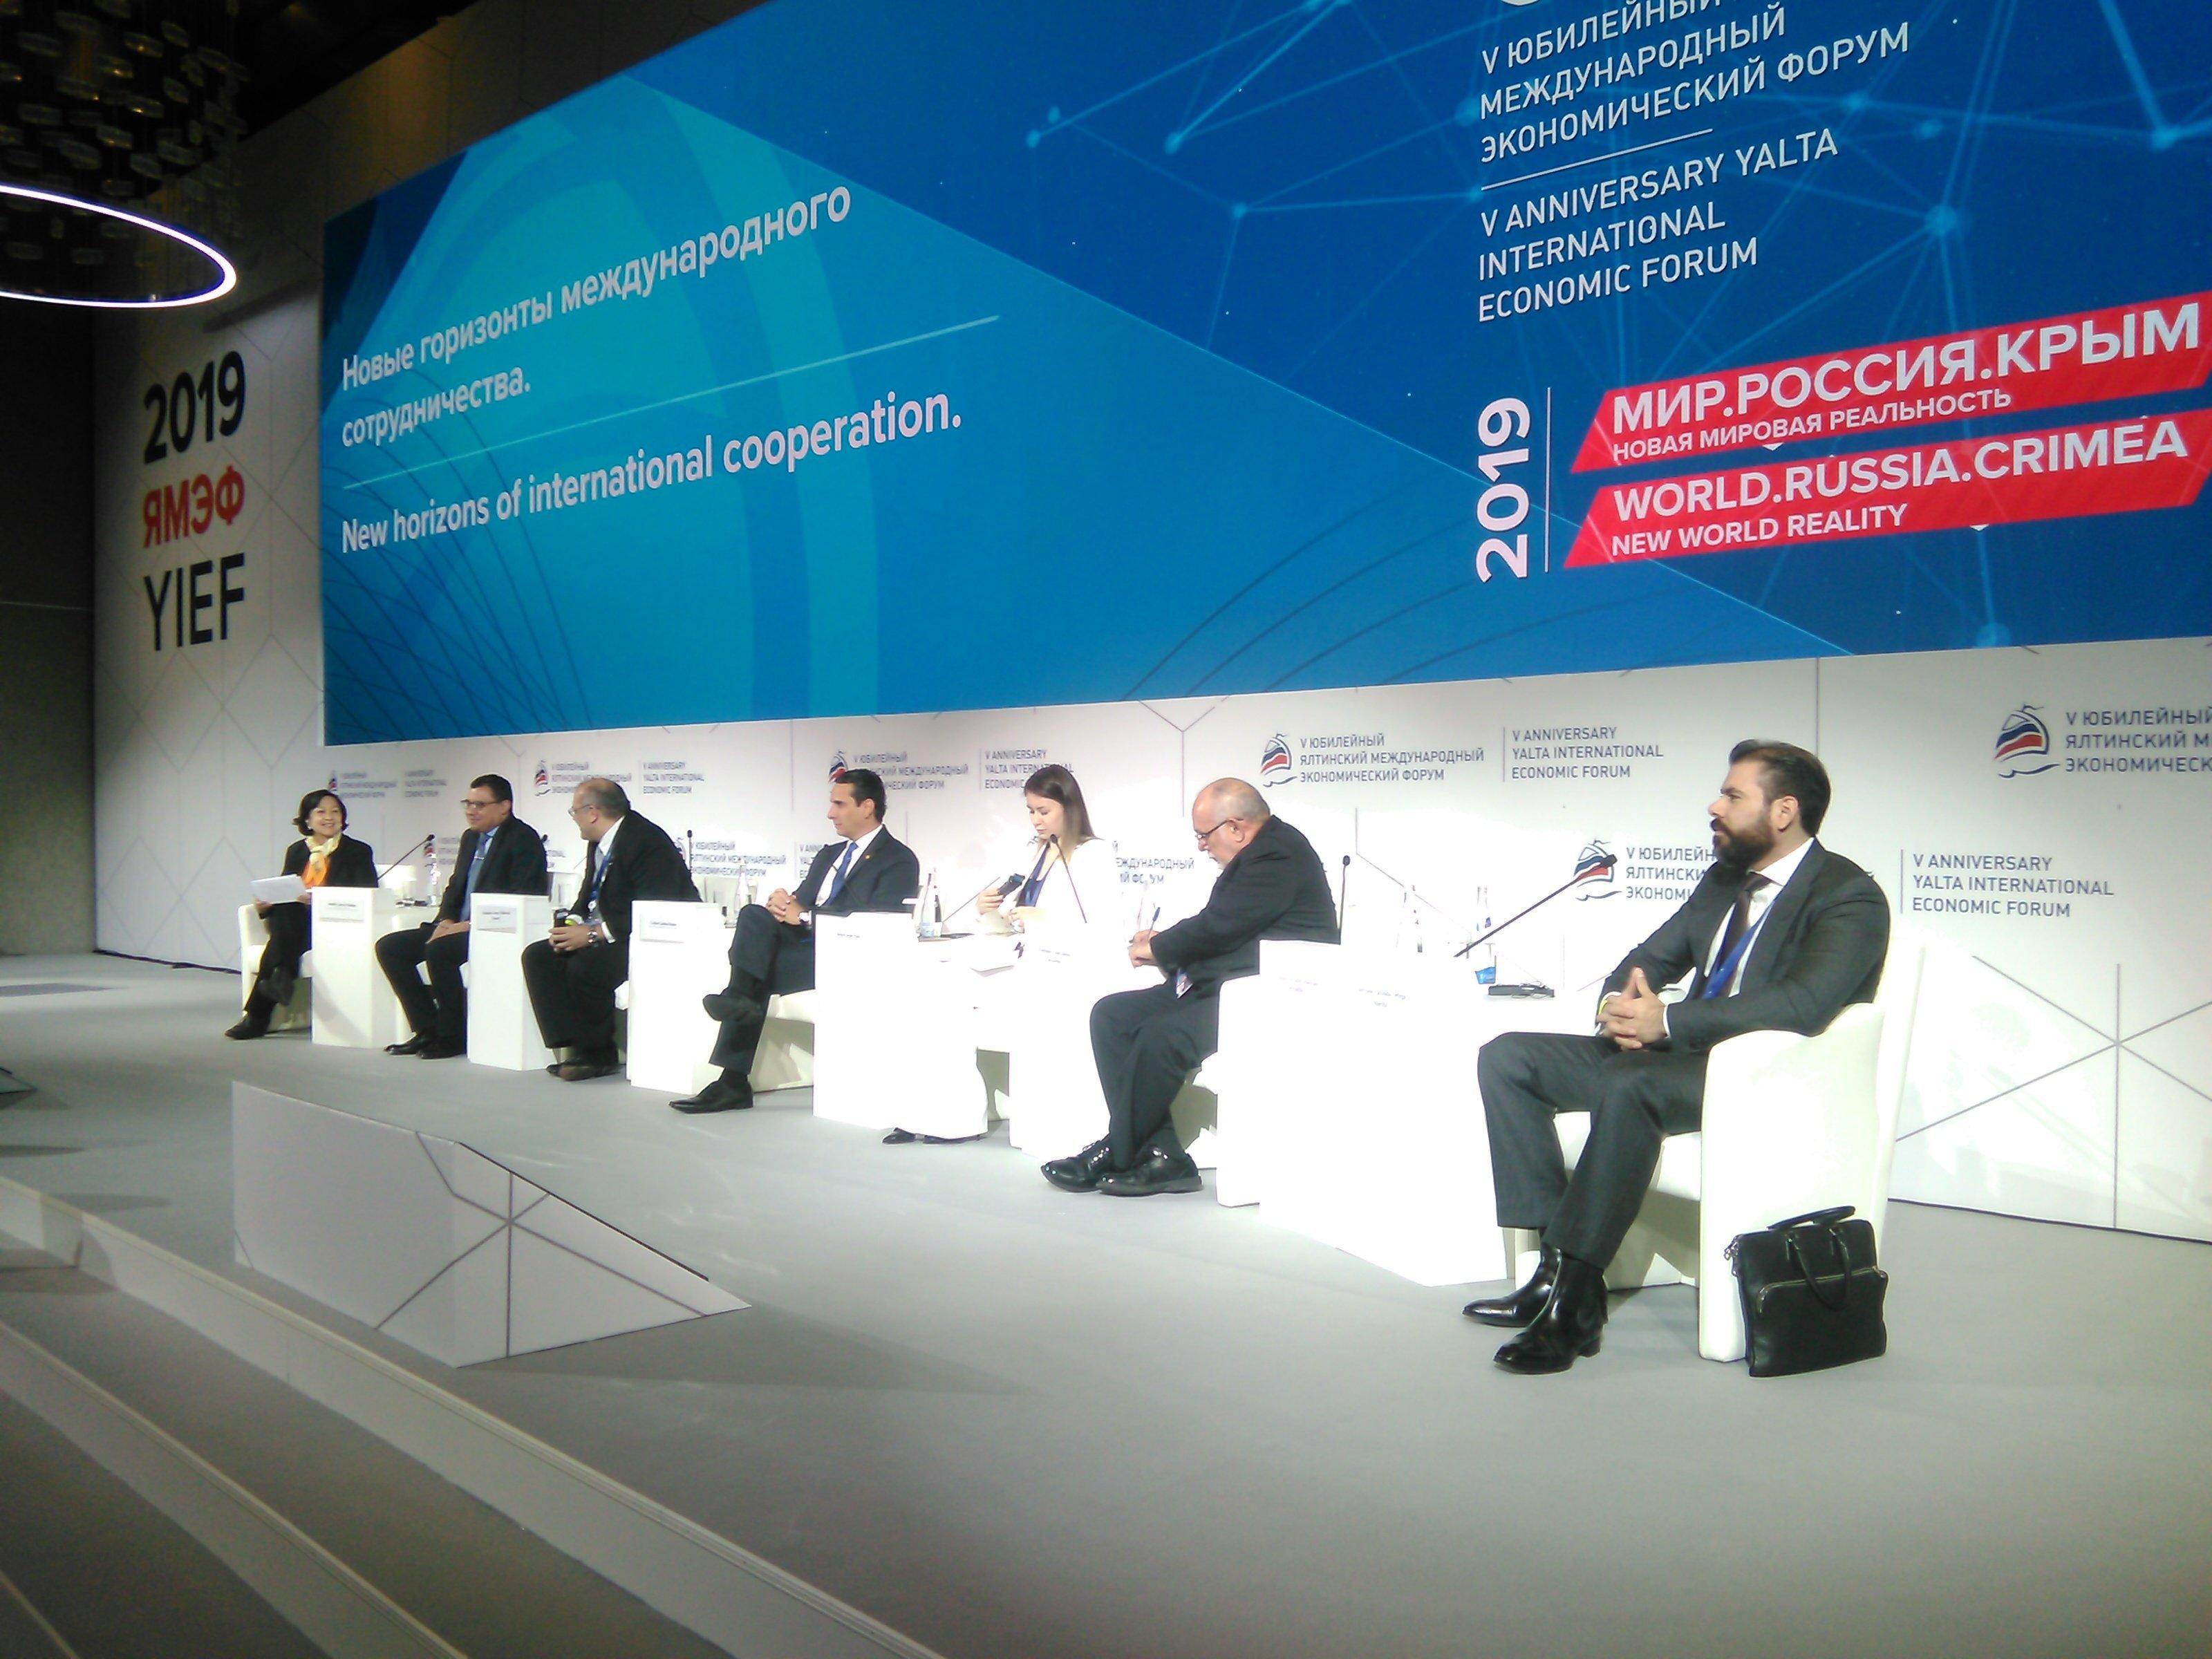 Sesion Nuevos horizontes de cooperacion